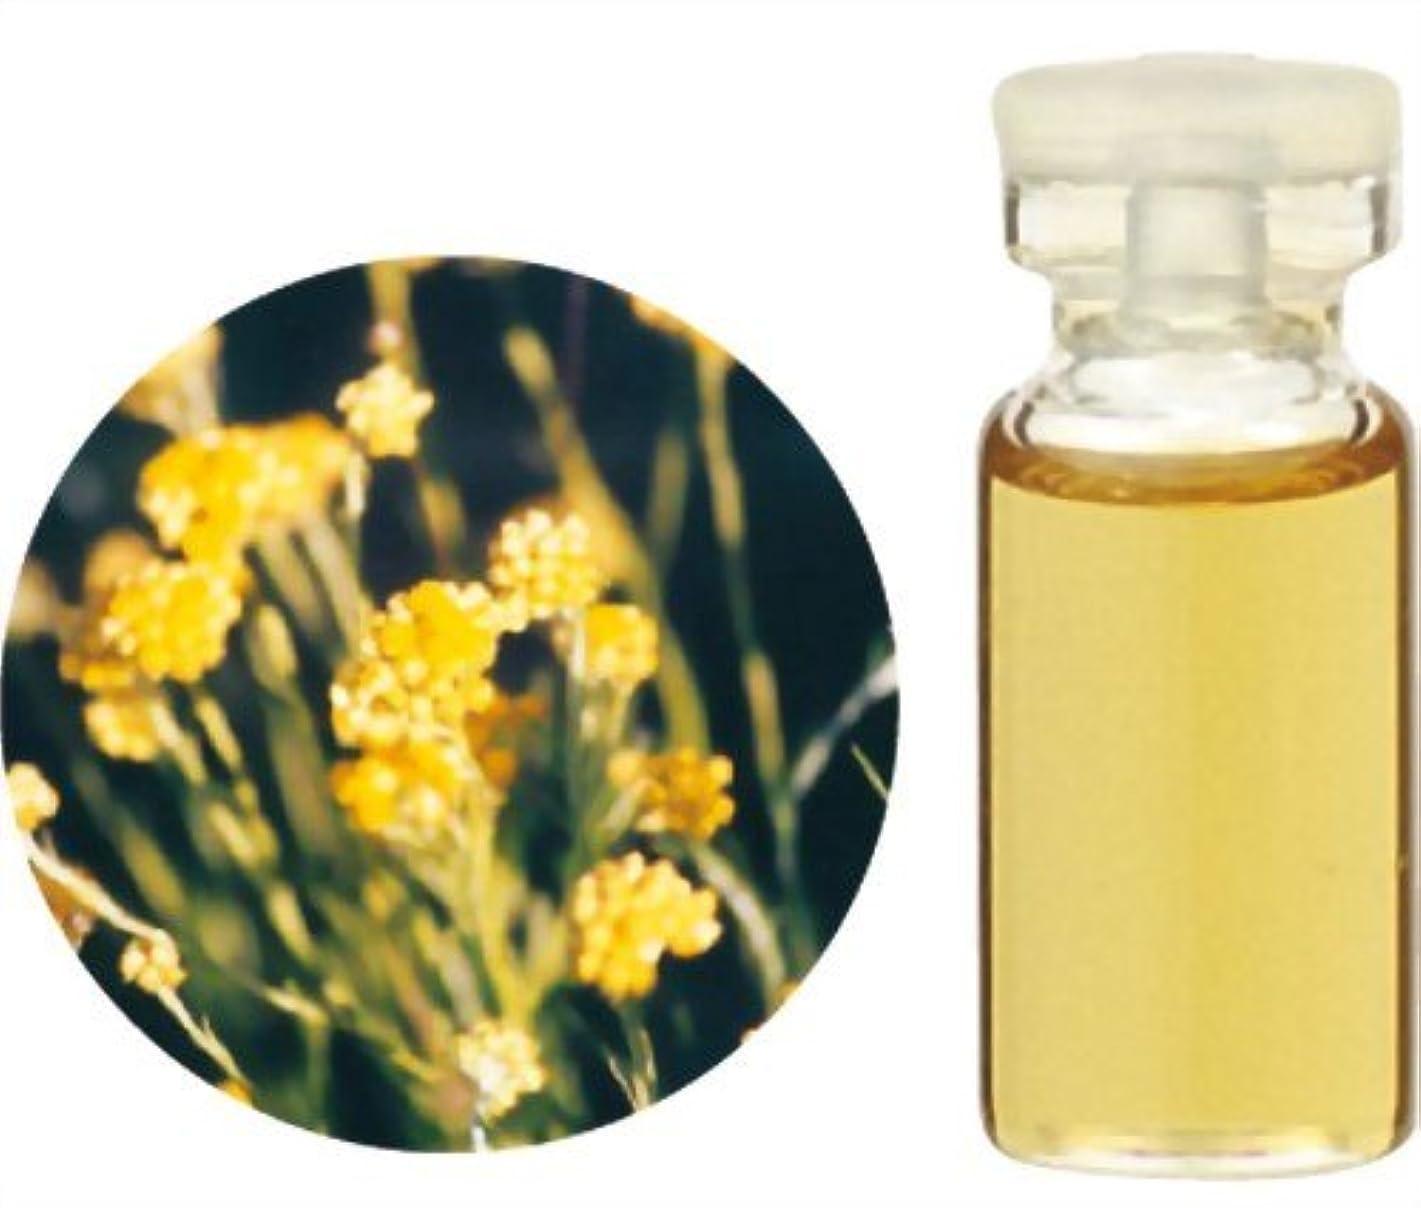 不足ロースト針生活の木 Herbal Life レアバリューオイル イモーテル ヘリクリサム 3ml